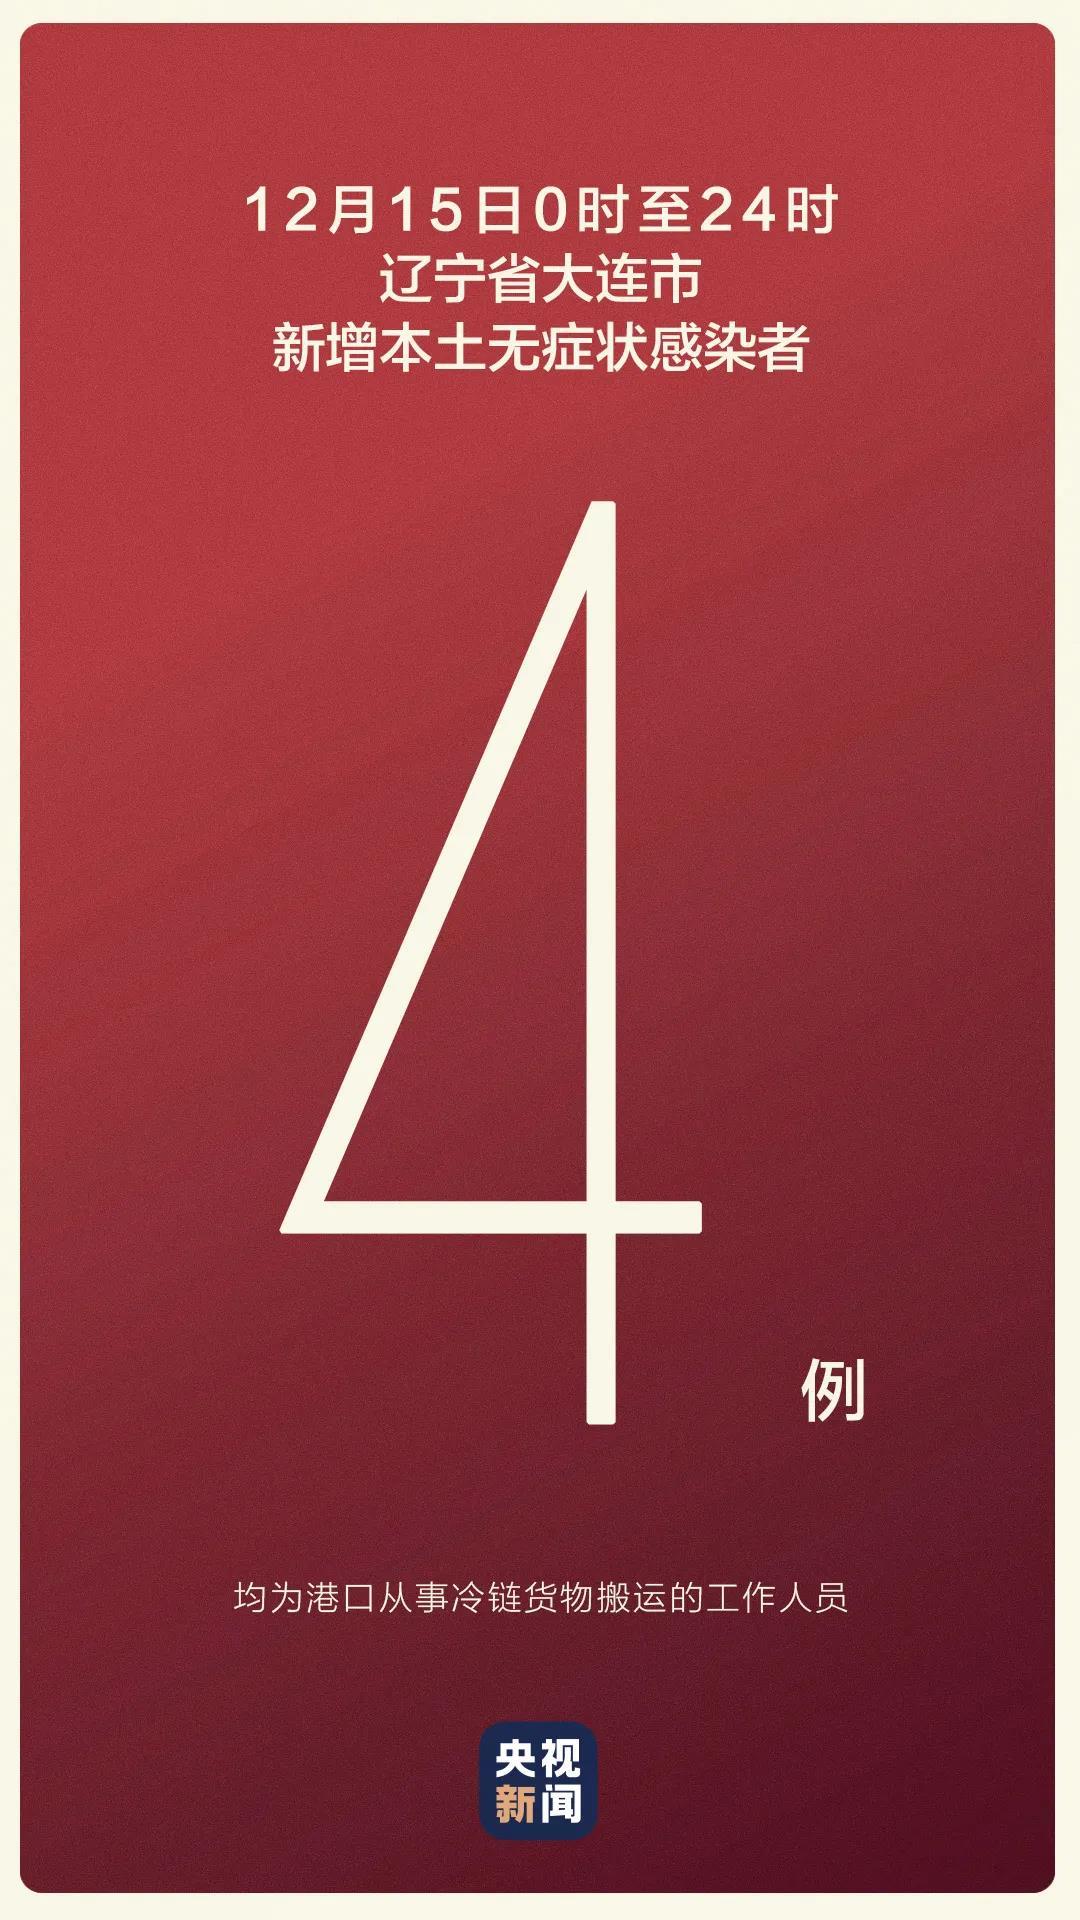 12月15日黑龙江新增1例本土无症状感染者 为幼儿园教师